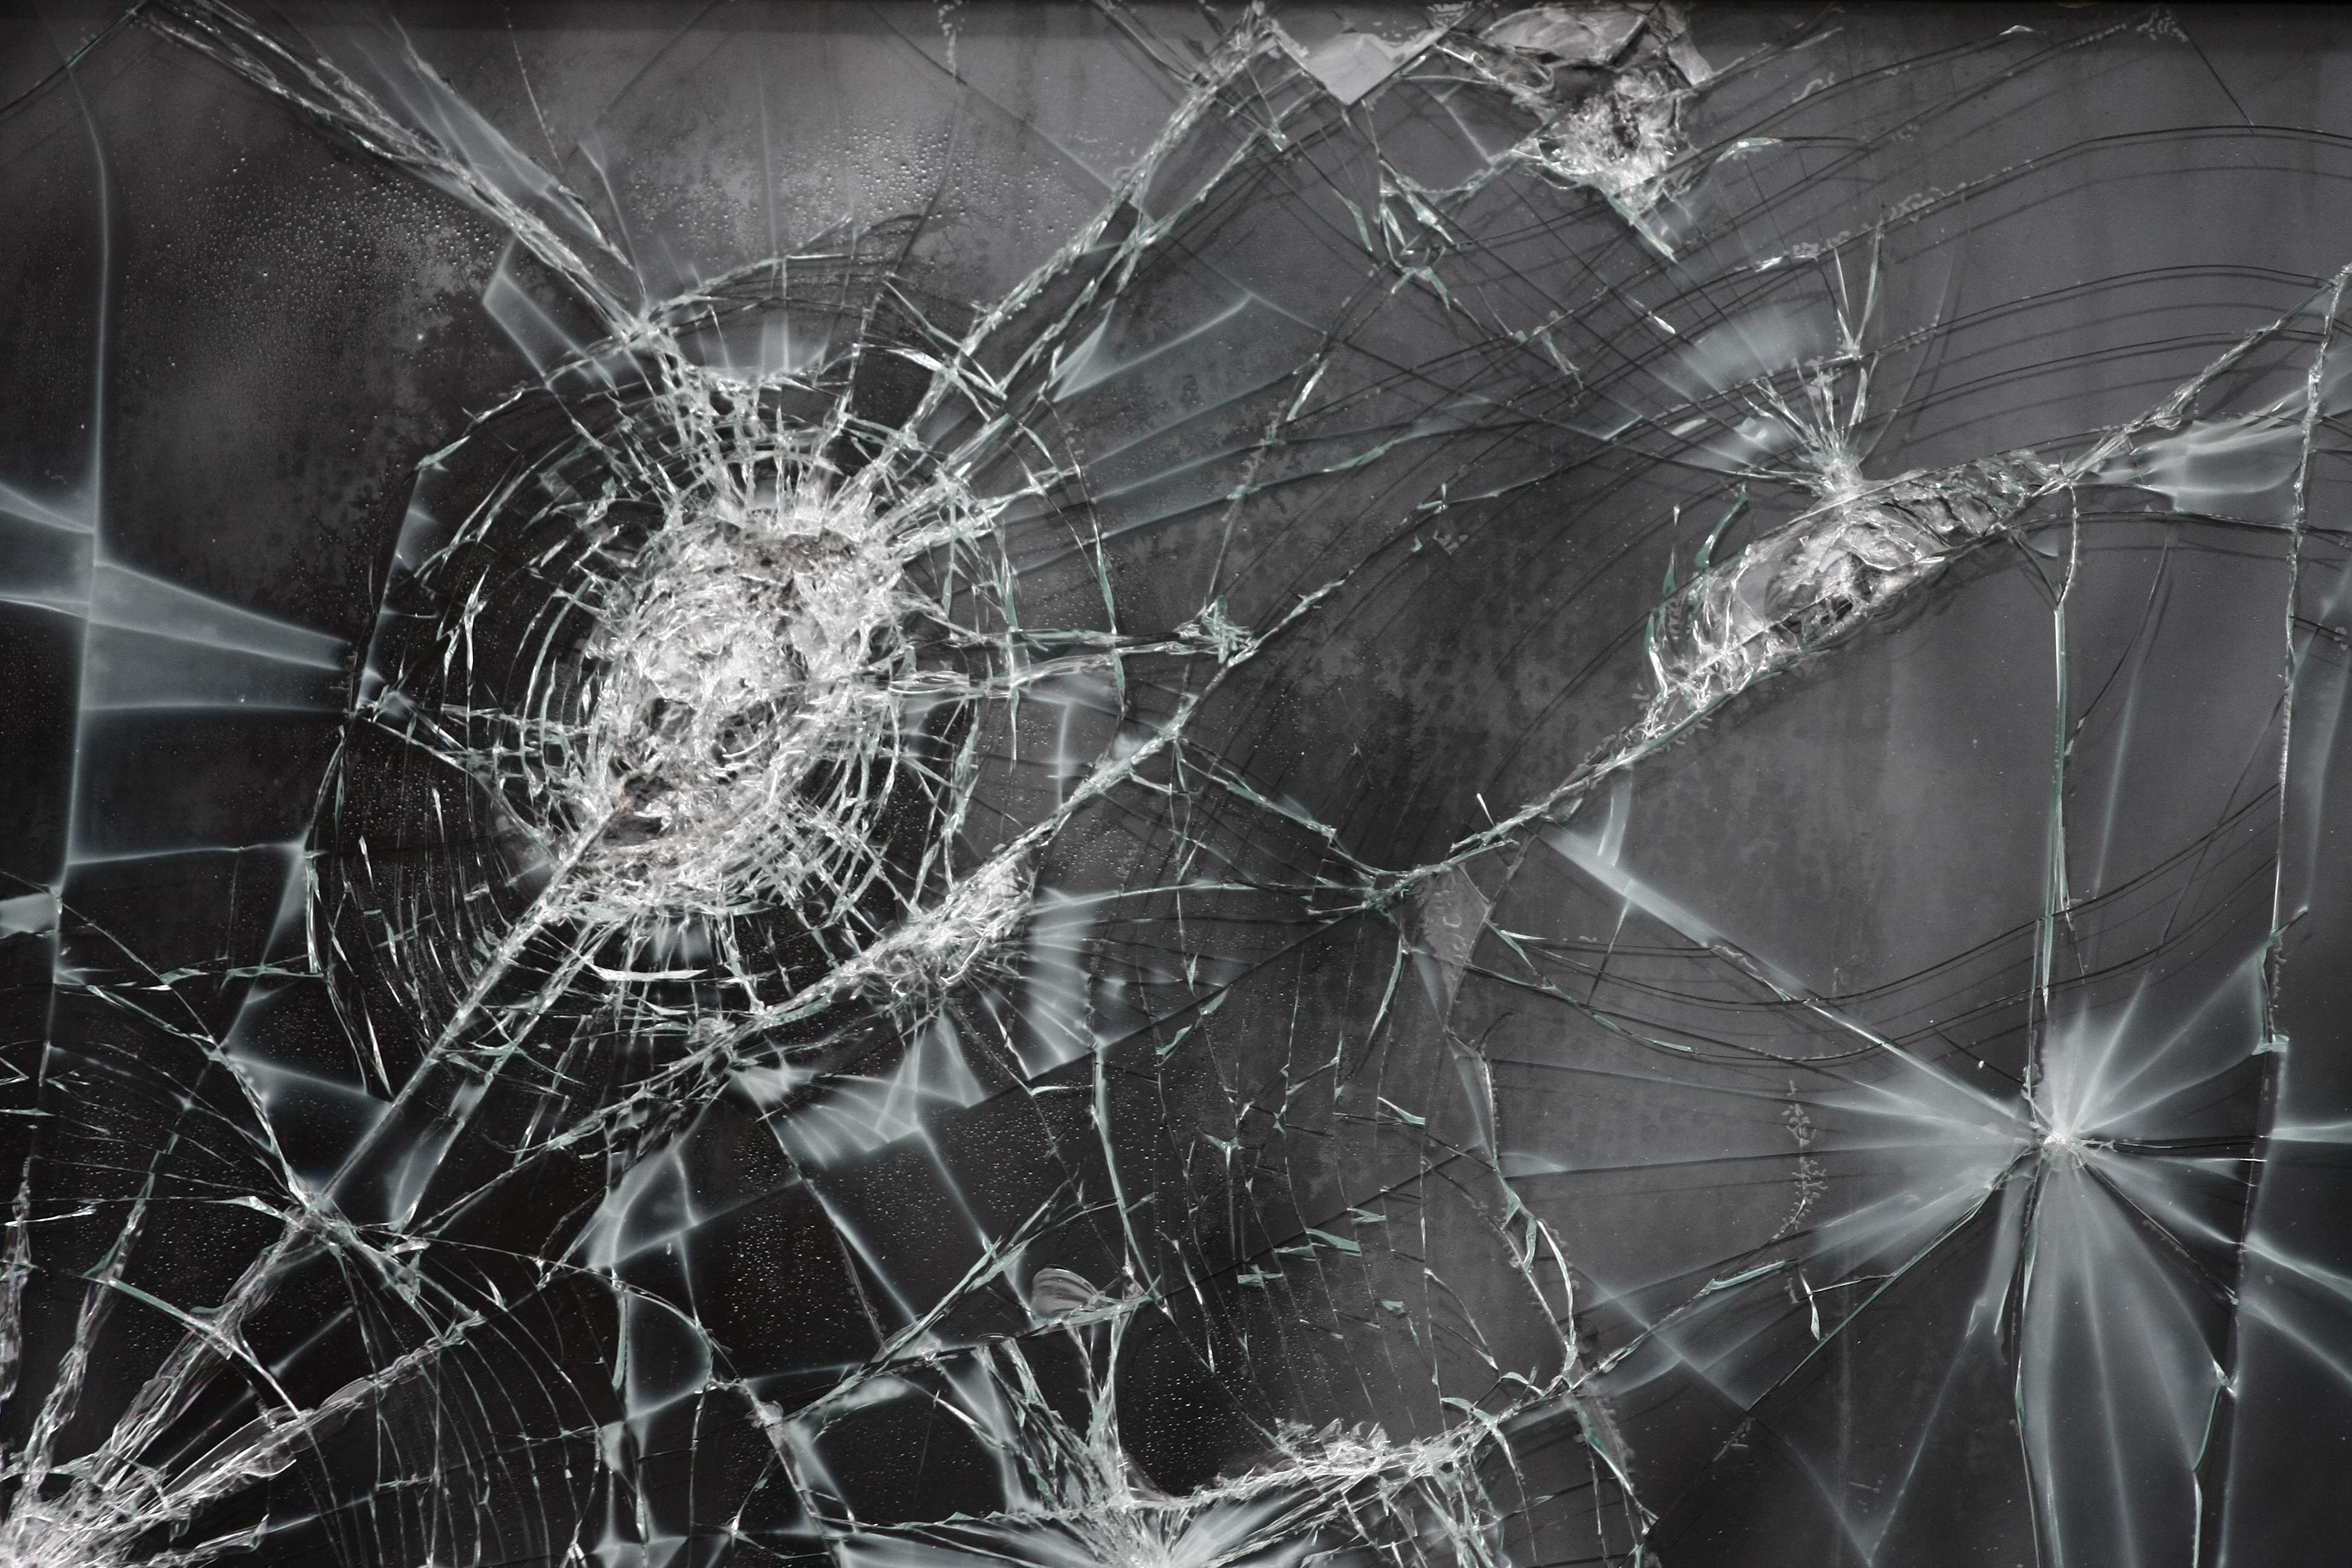 помещение это картинки разбитое стекло природа этот день принято